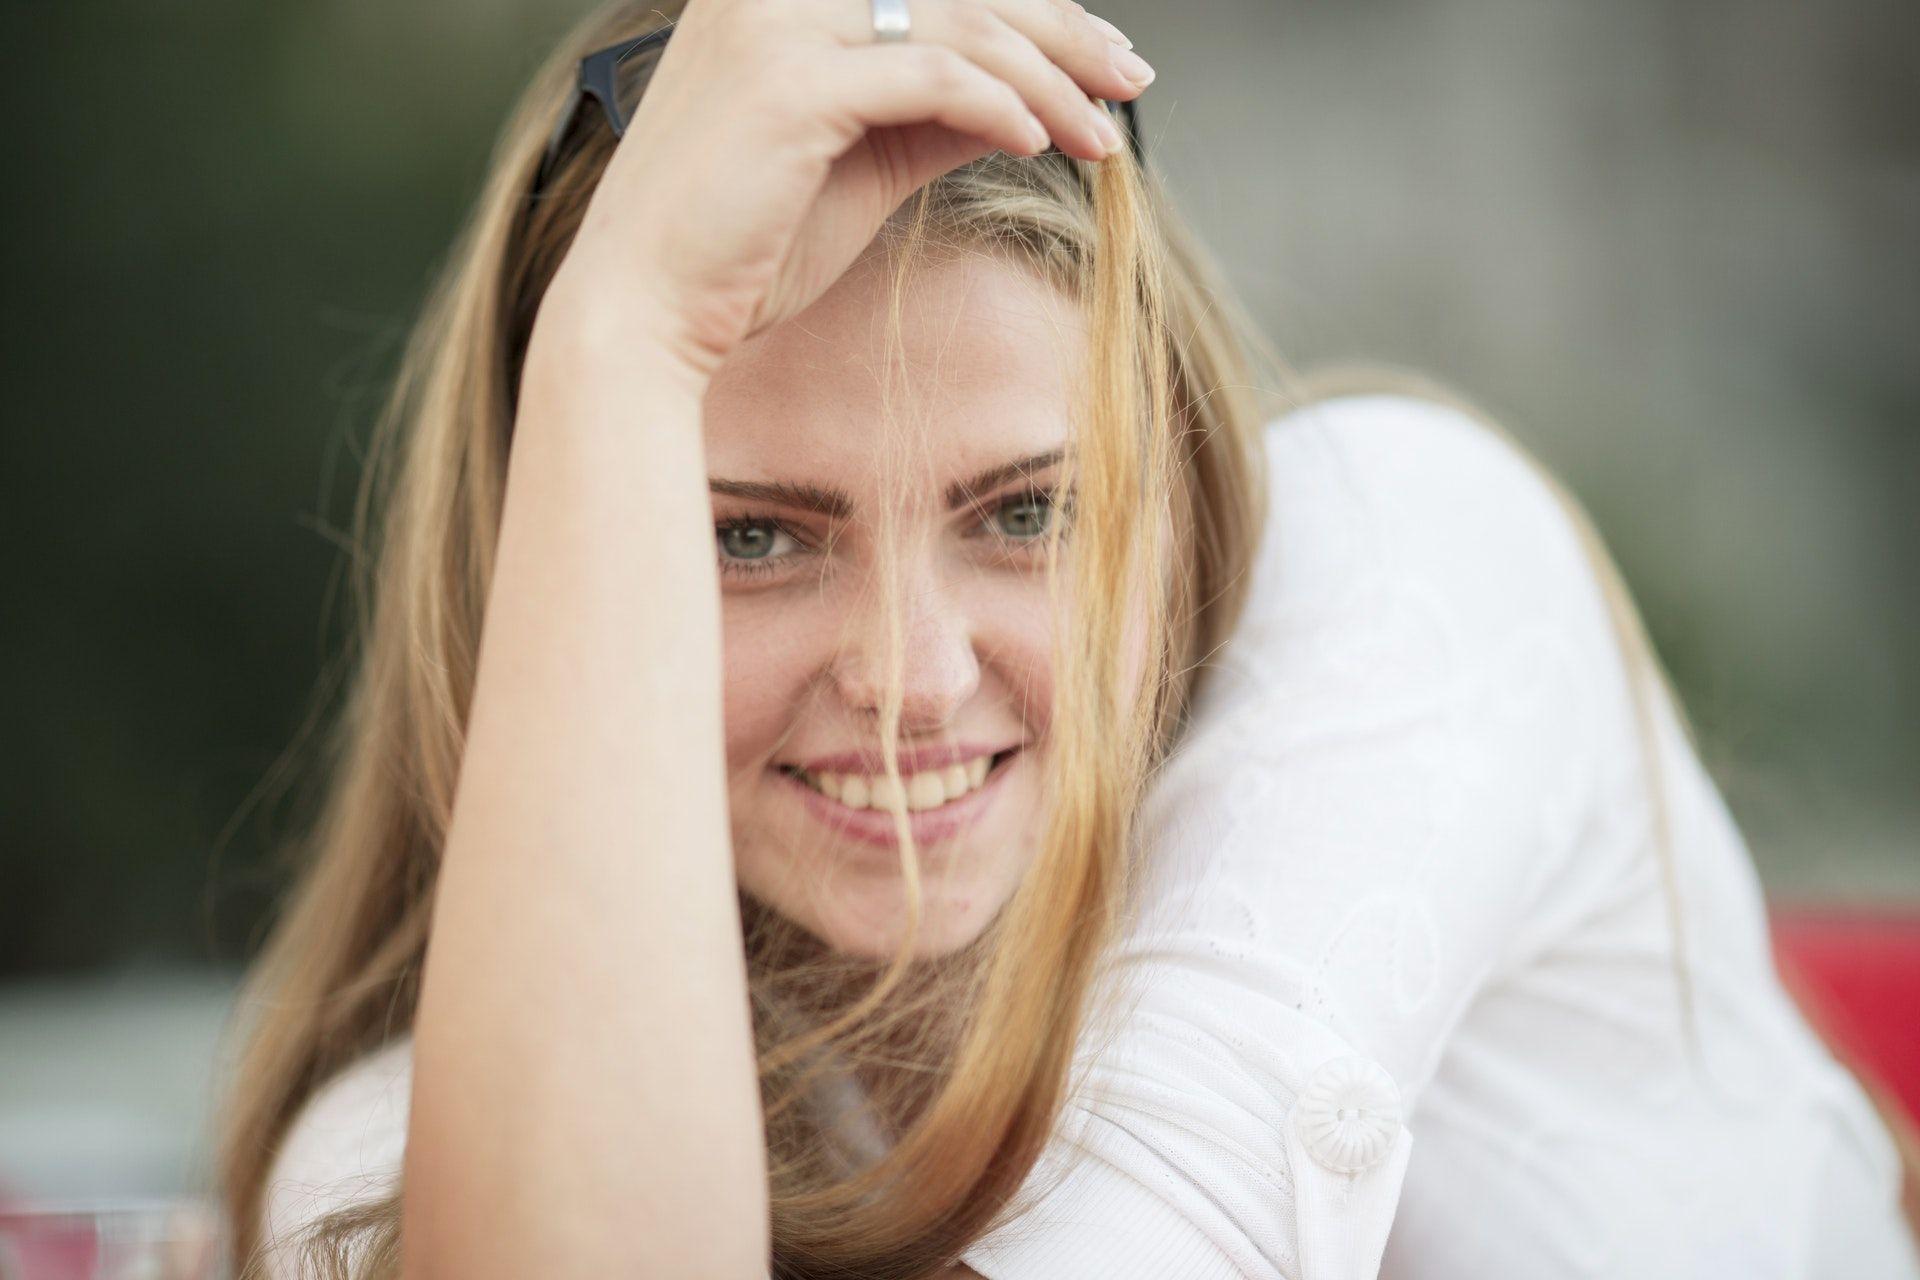 Entre las ventajas de las carillas dentales se encuentran su resistencia o su rápida colocación